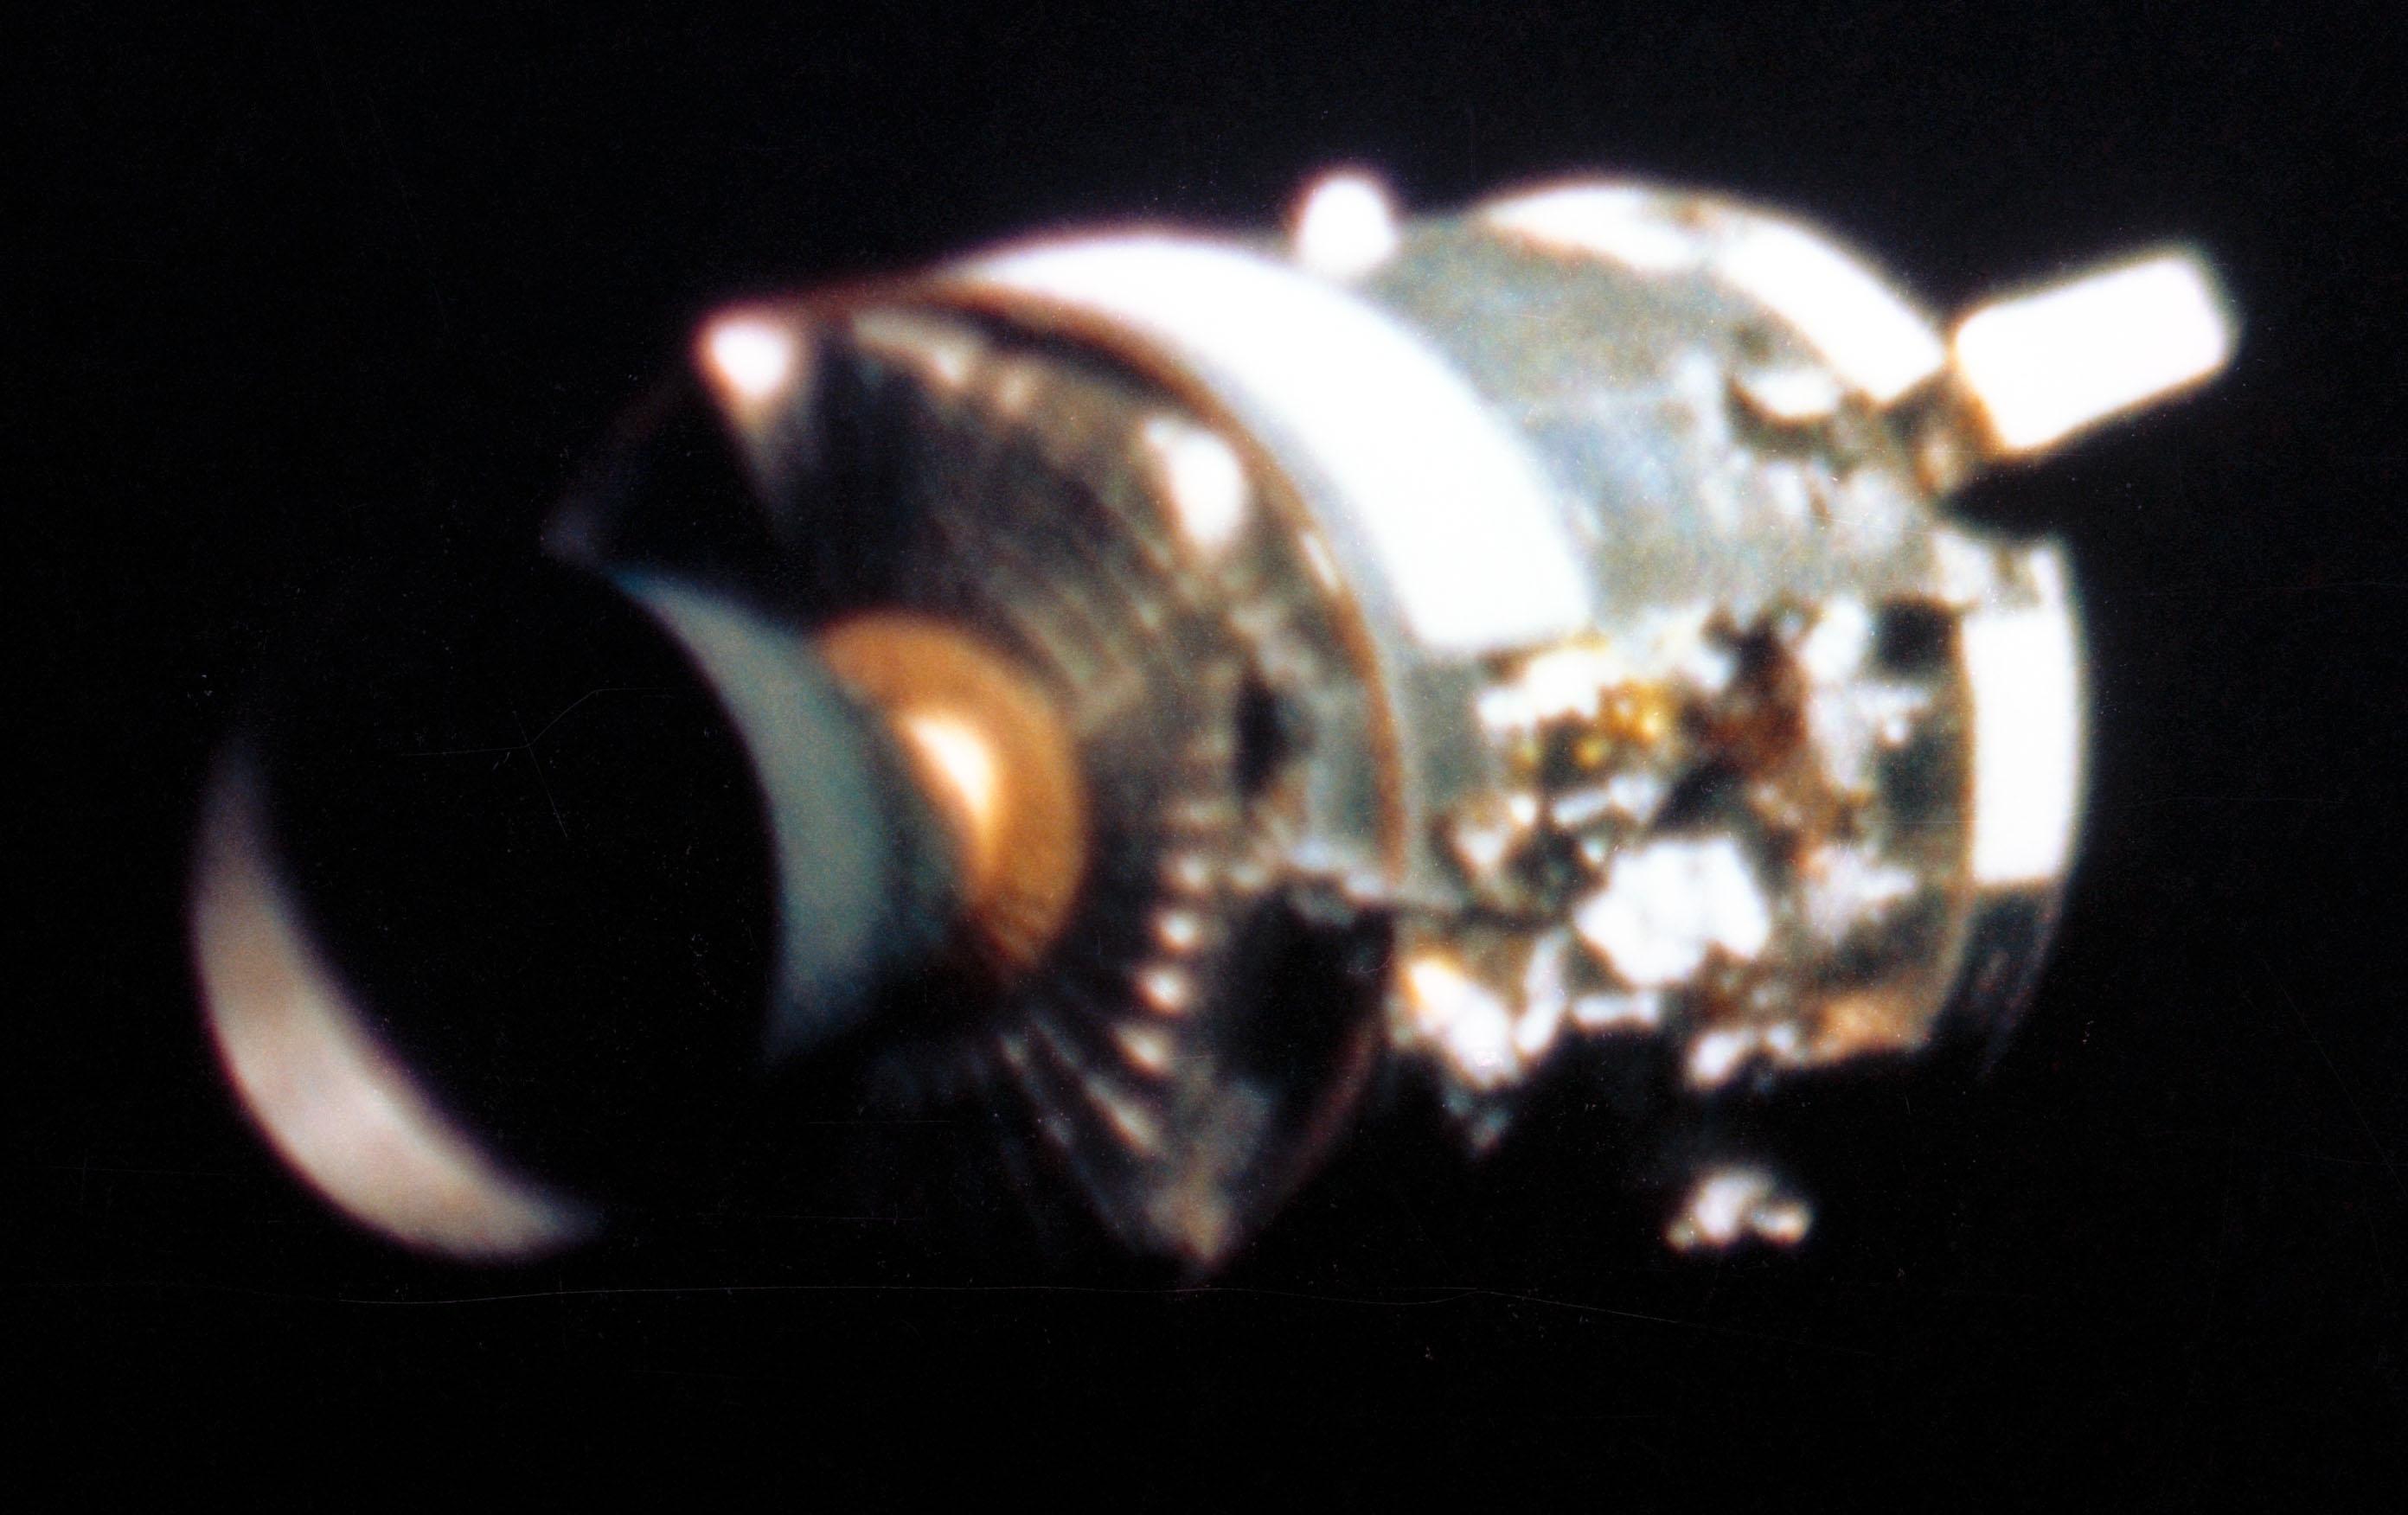 apollo 13 service module location - photo #13